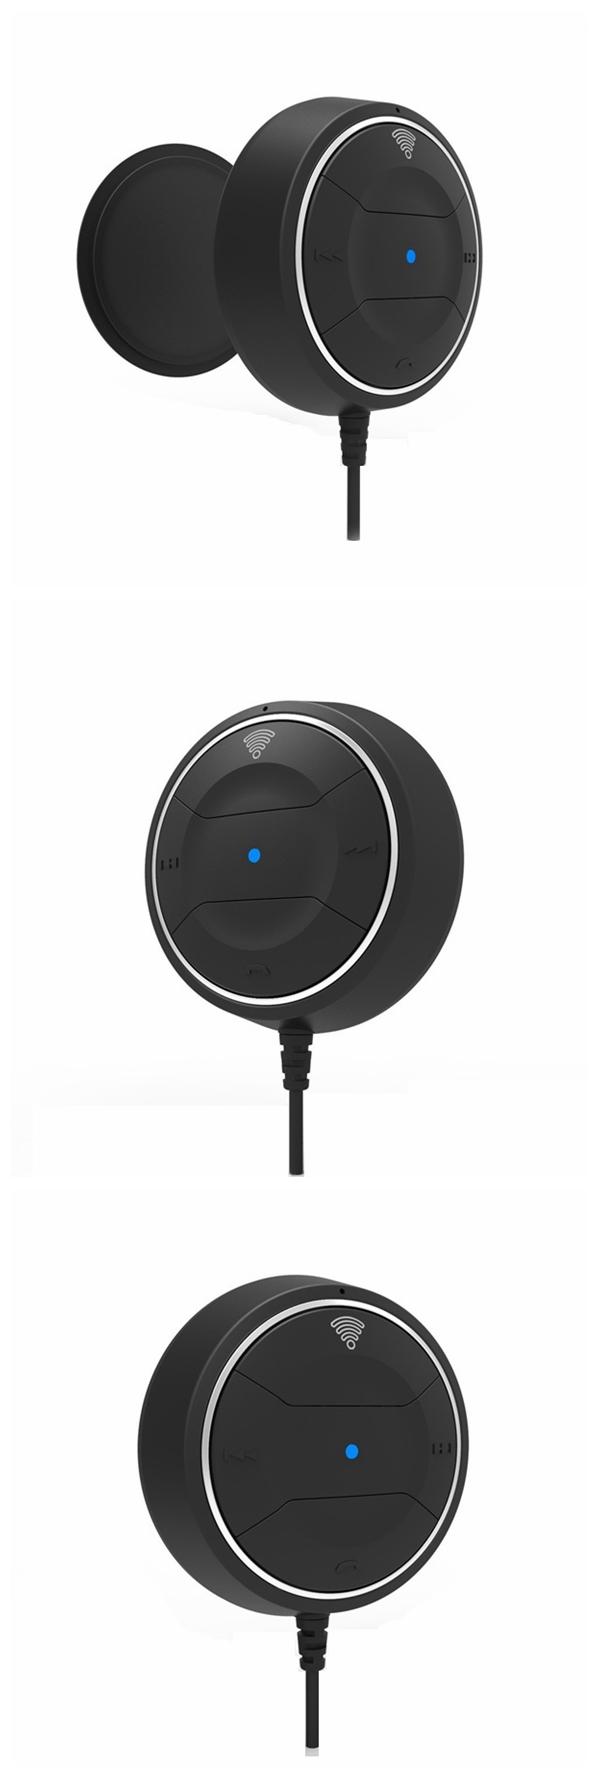 Автомобиль Bluetooth 4.0 NFC автомобильный адаптер комплект портативного приемника громкой связи для Xiaomi iphone смартфон беспроводной разговора